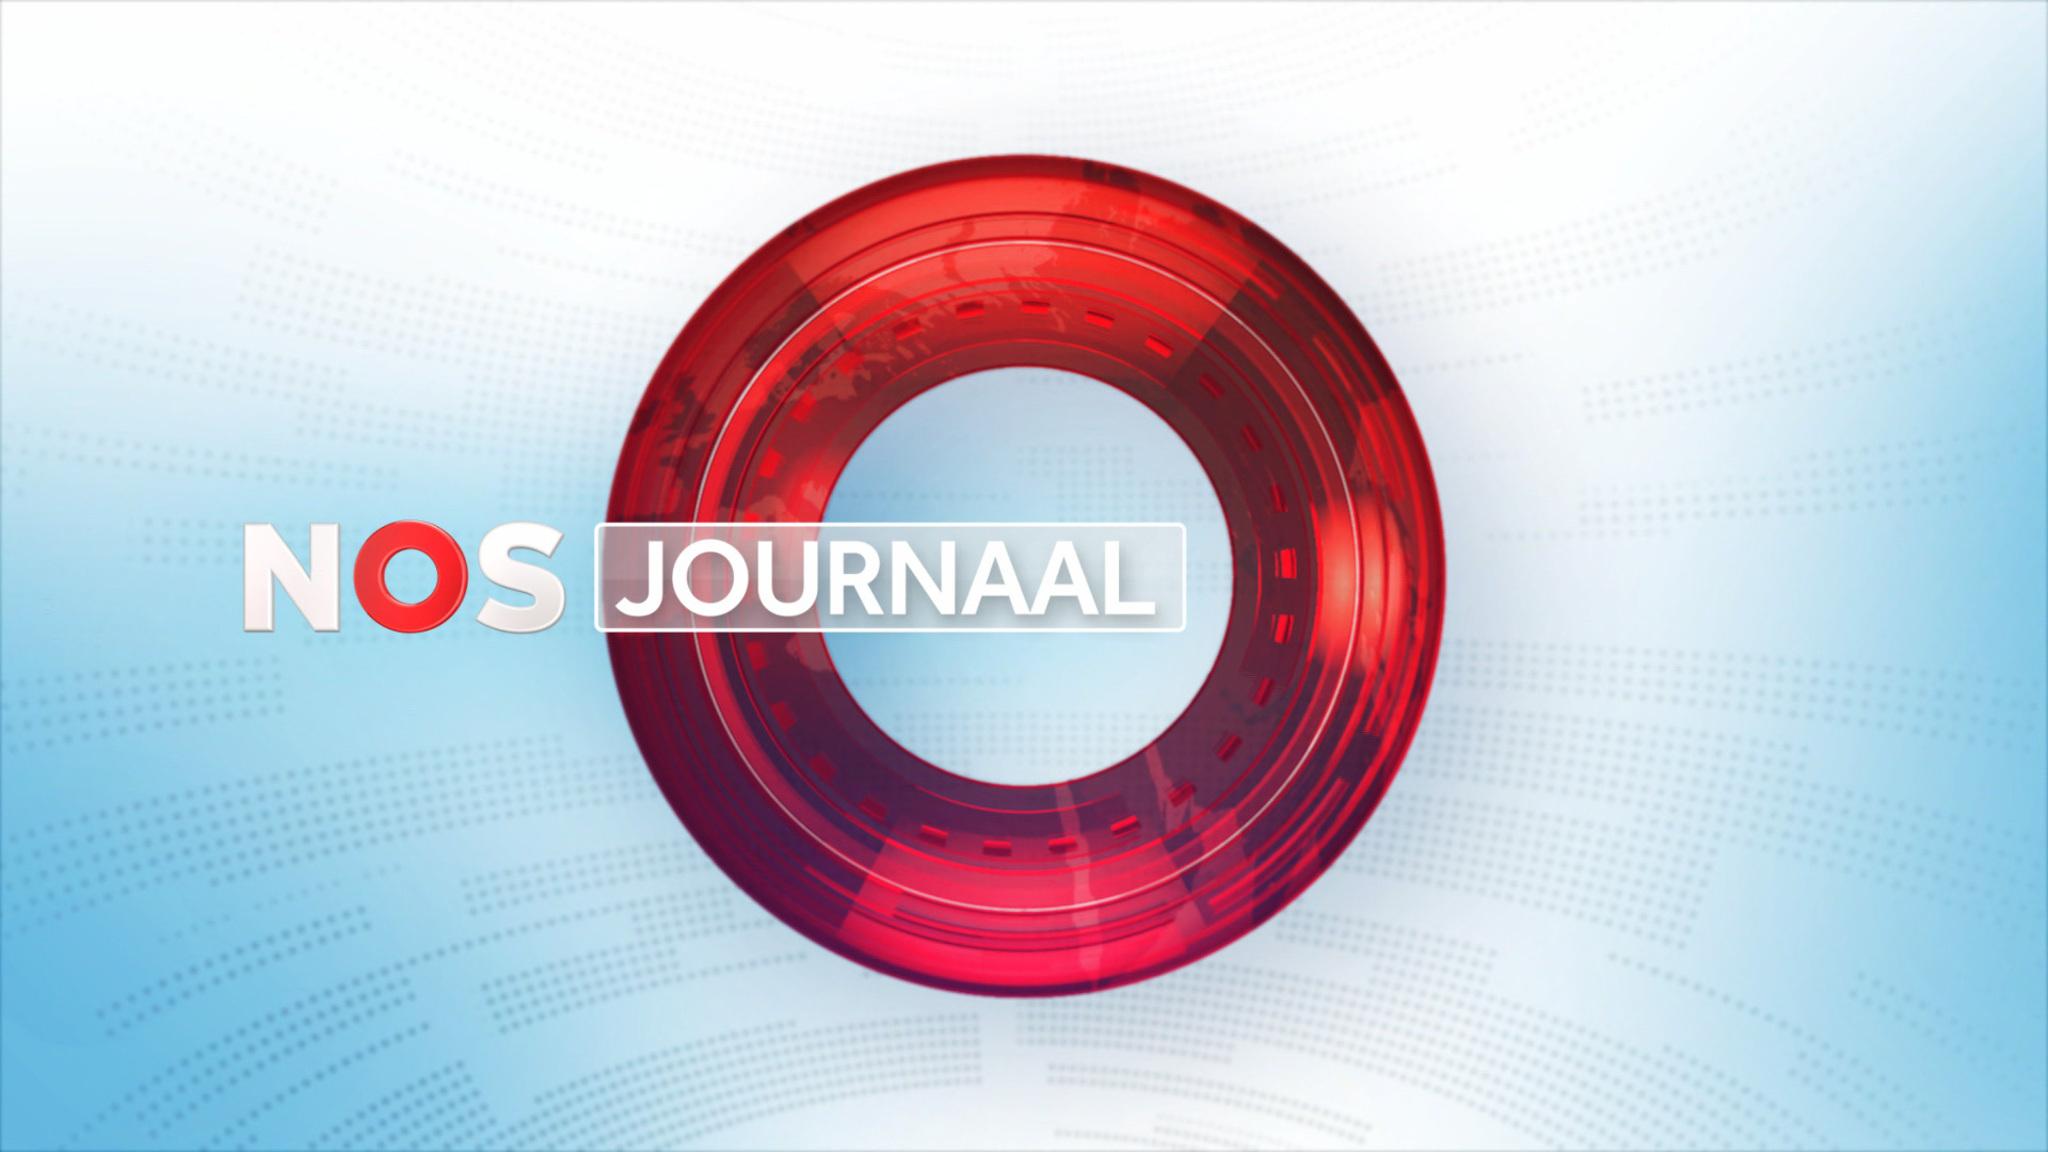 NOS Journaal - Alle afleveringen van 2017 Torrent